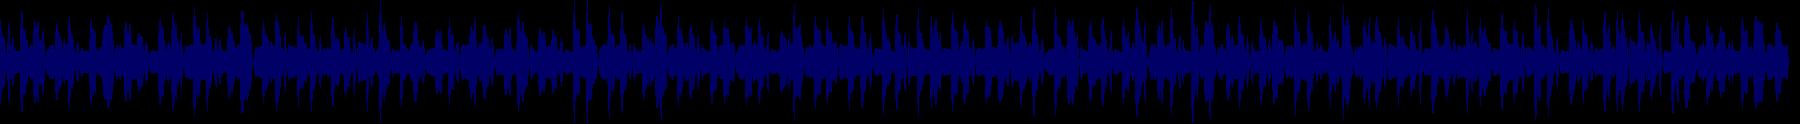 waveform of track #66847